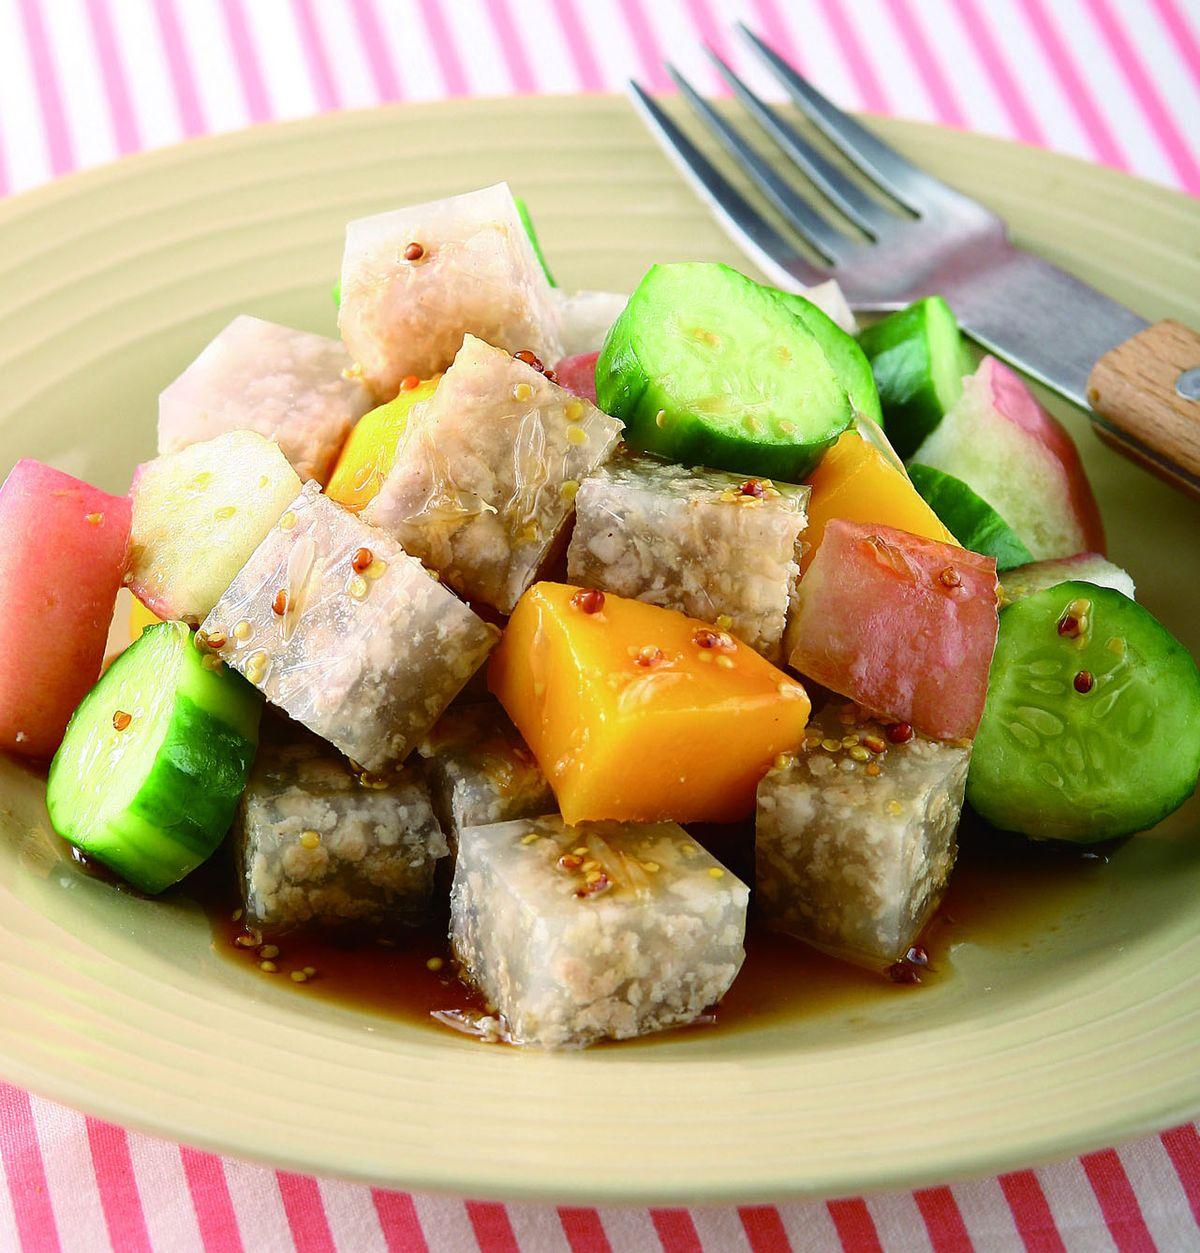 食譜:肉末寒天凍沙拉